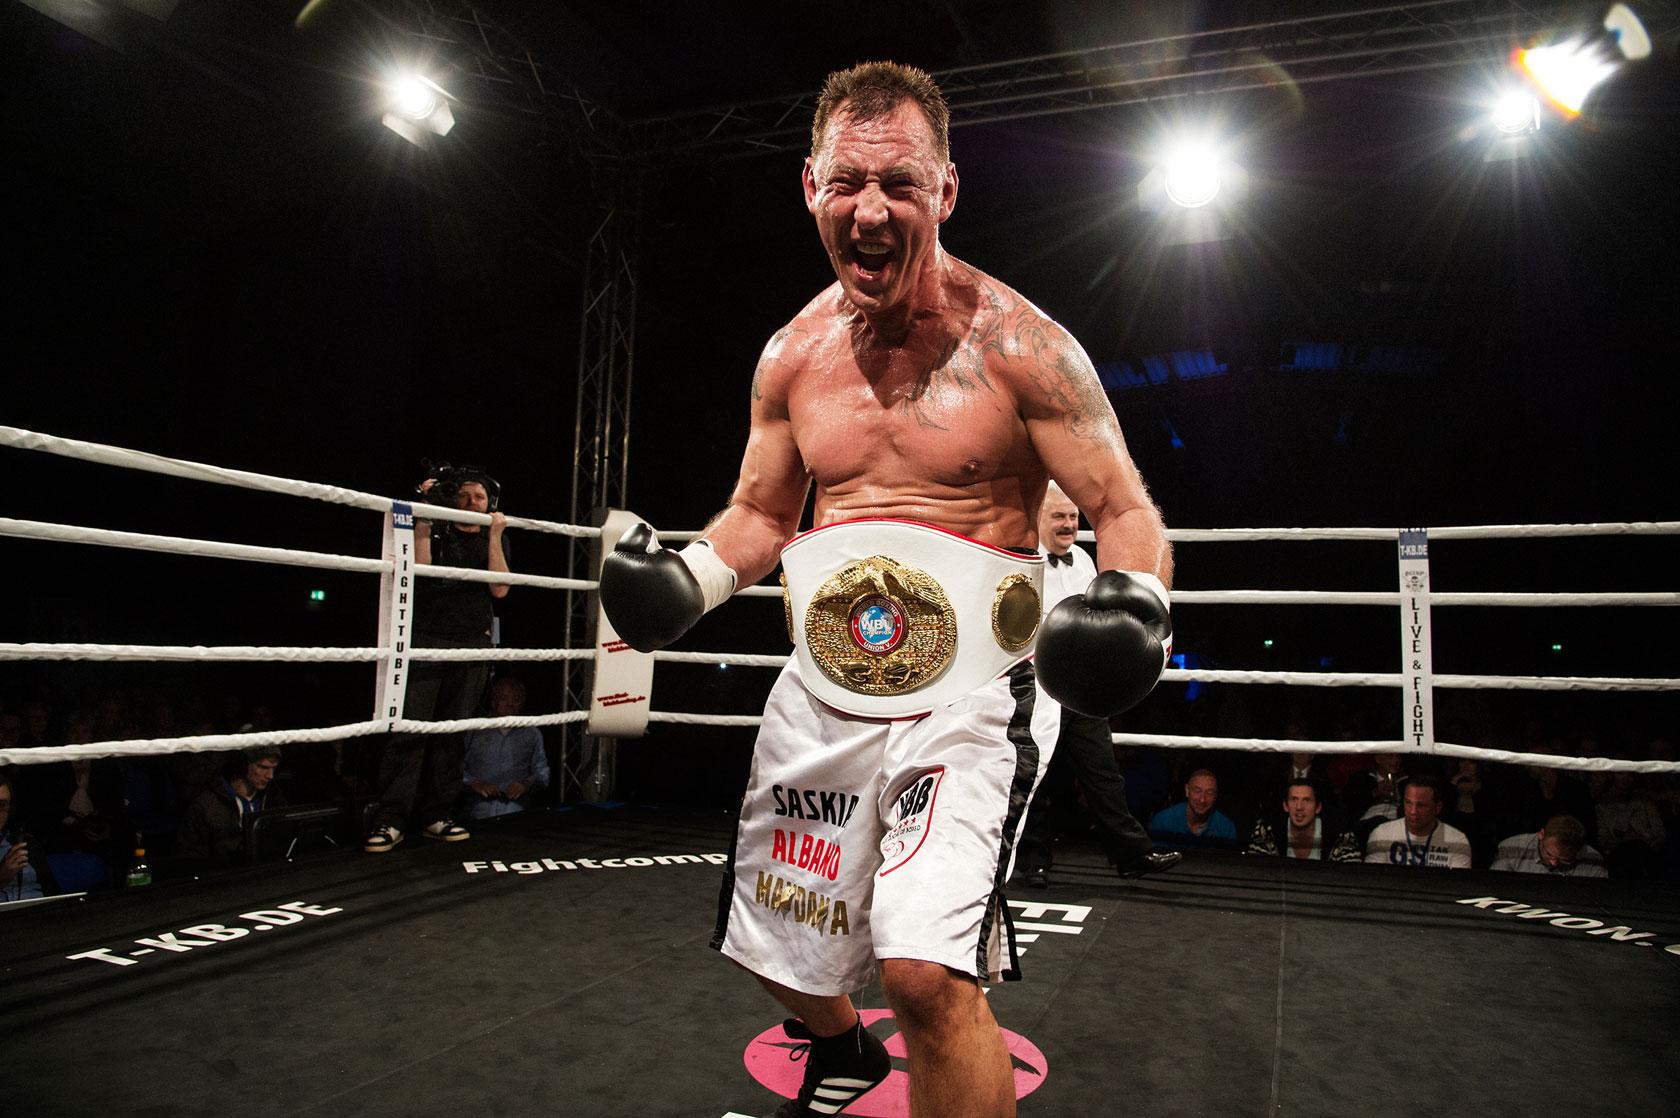 Andreas kurz nach dem Kampf. Er hat seinen Weltmeistertitel verteidigt, obwohl er dabei sein Leben riskierte. Foto: Armin Smailovic